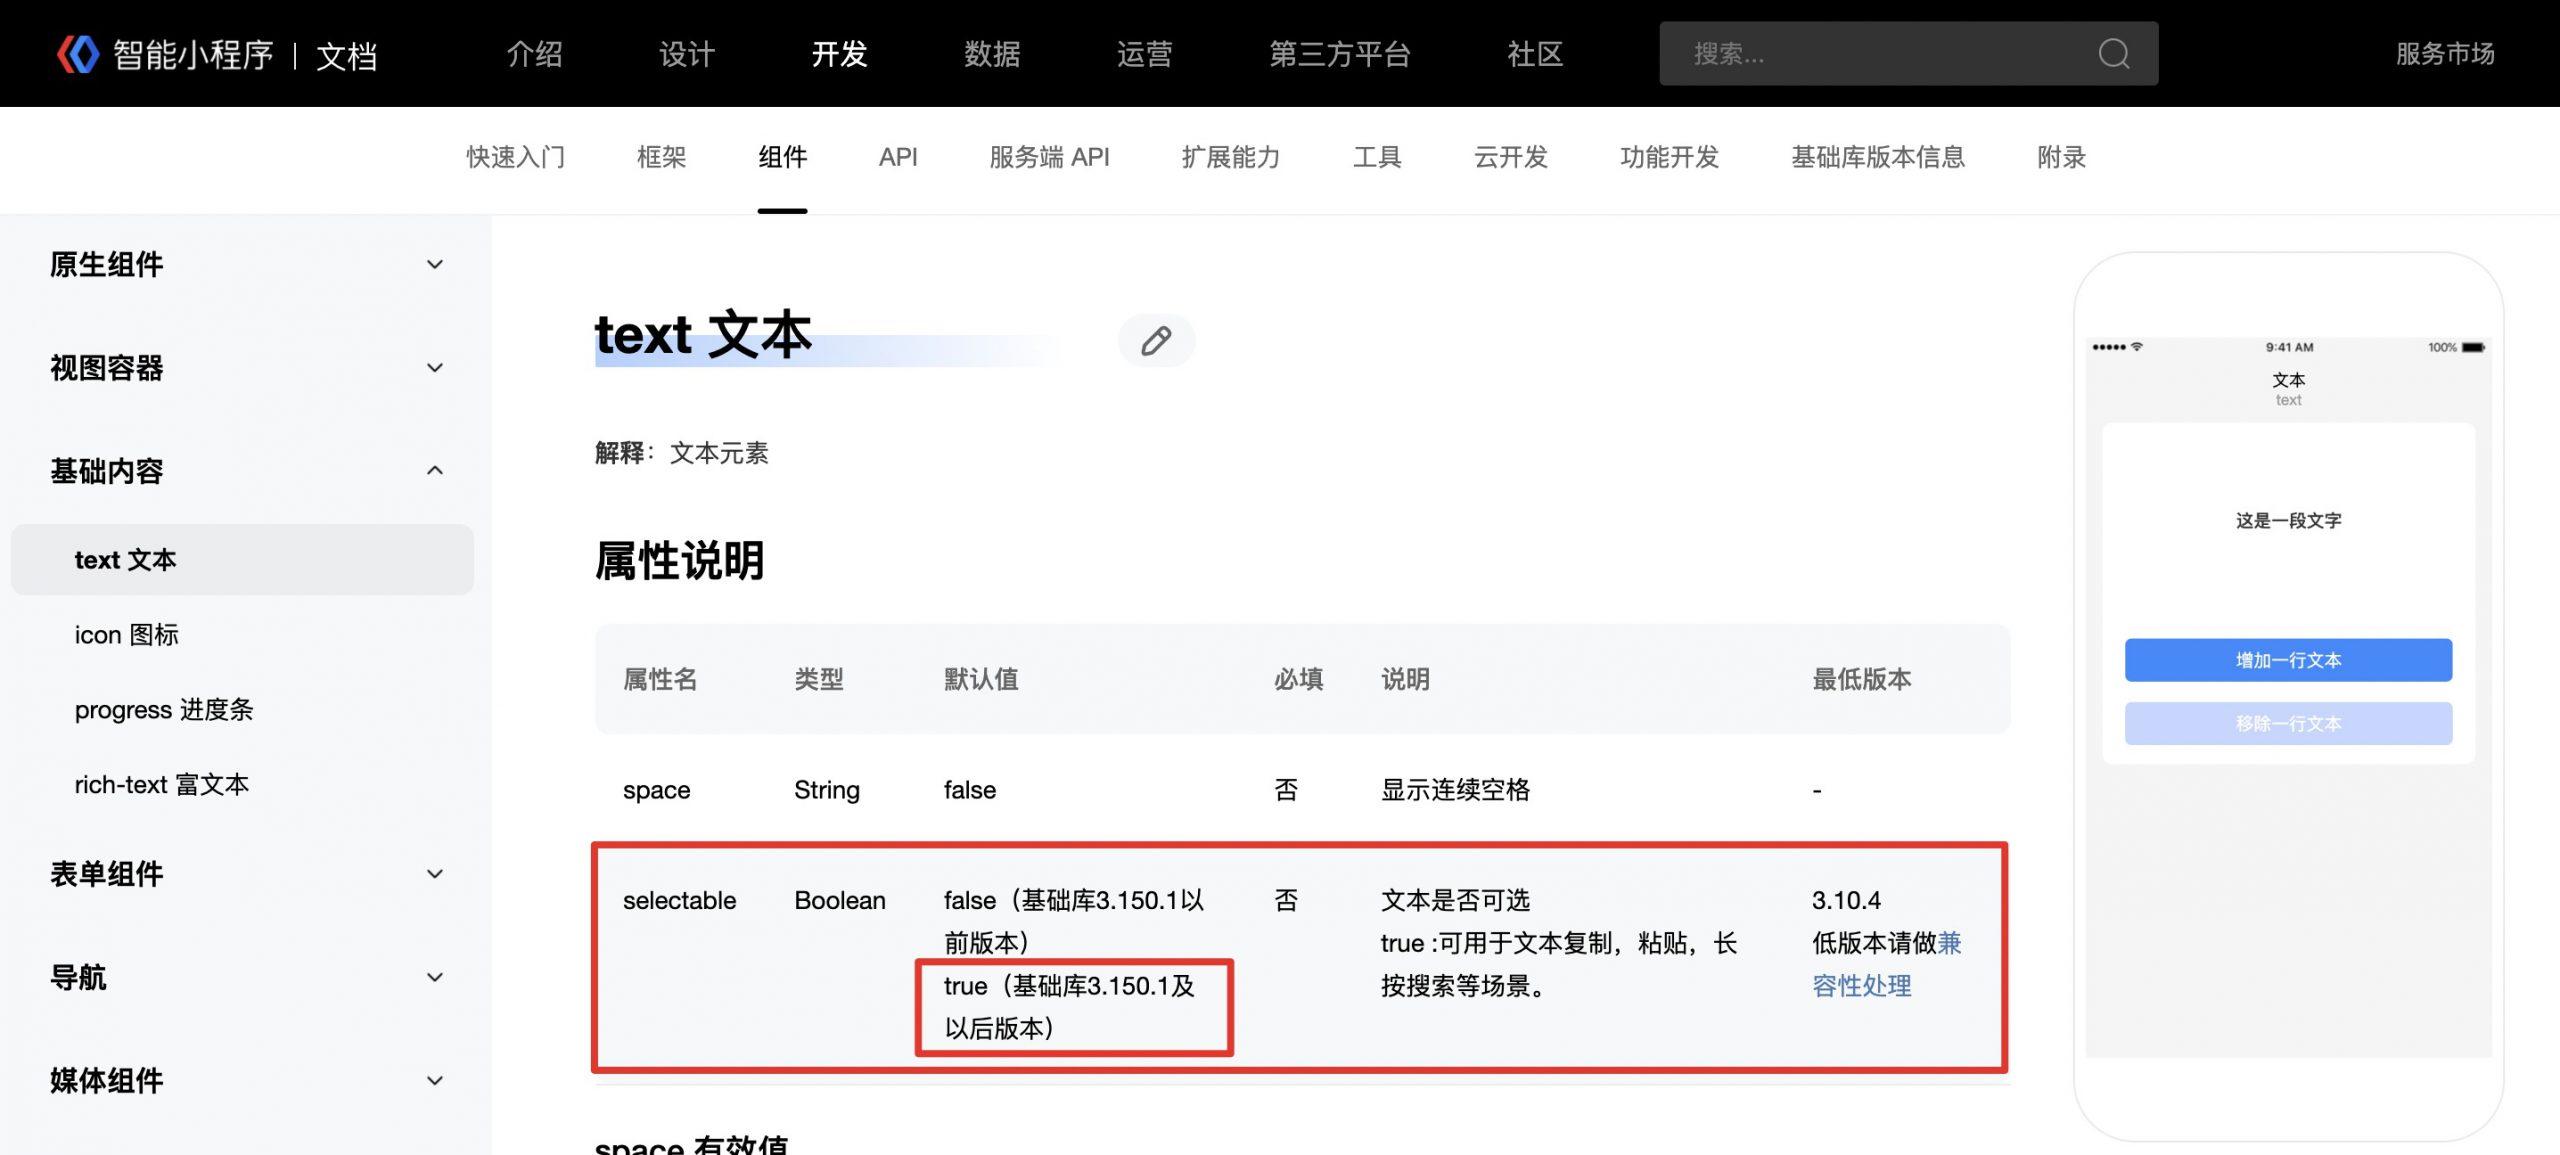 智能小程序体验提升小贴士—文本复制搜索功能的重要性|【雨中漫步网络】上海seo优化 第4张